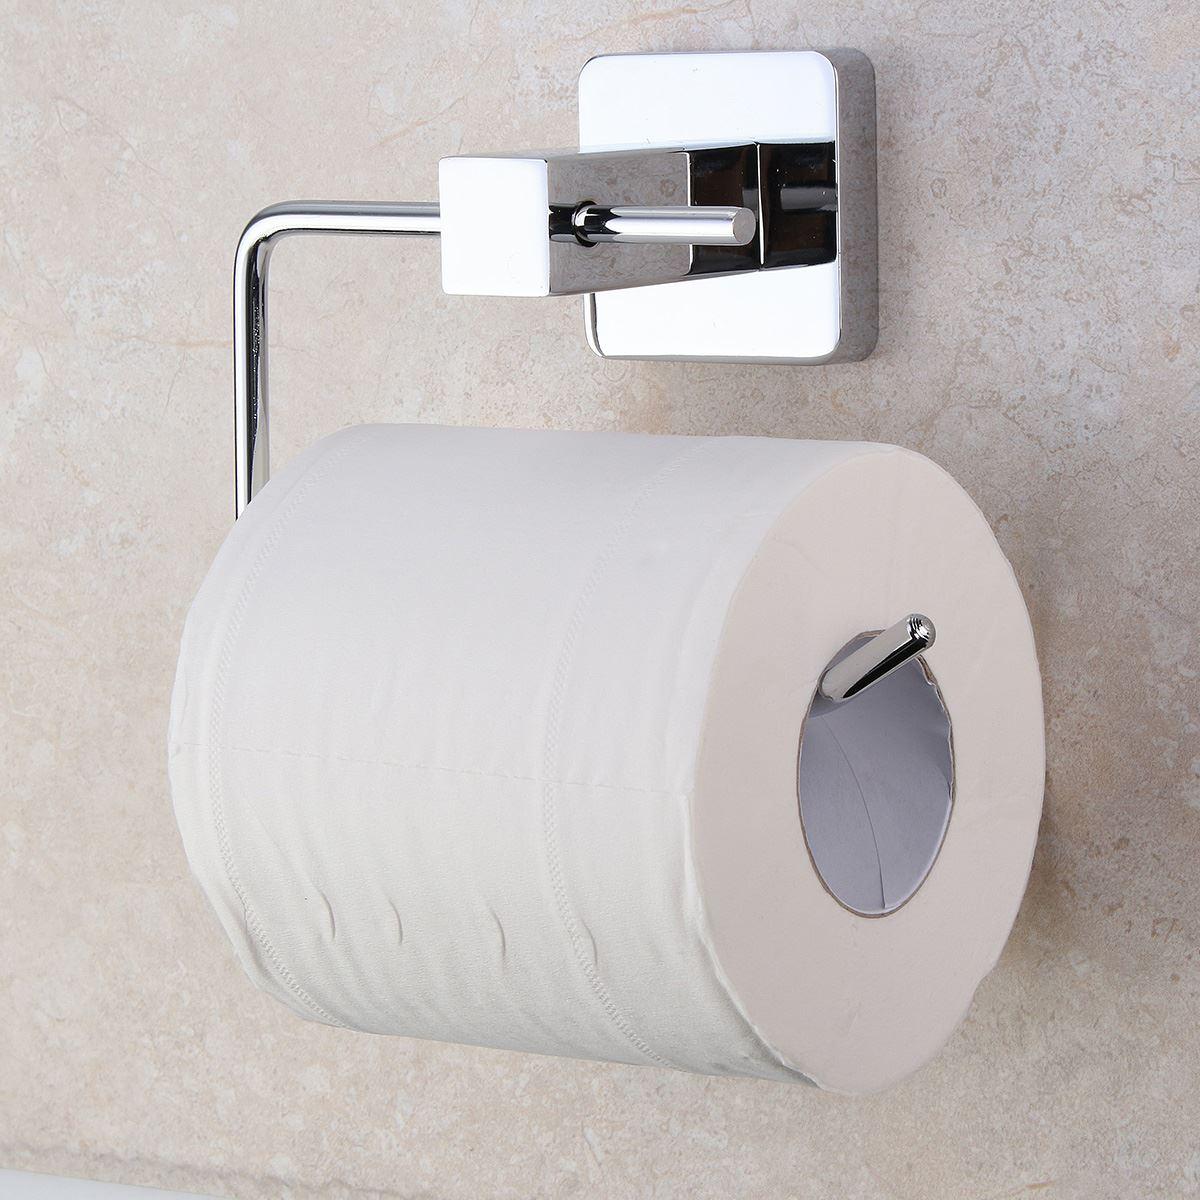 Bathroom Chrome Plated Toilet Paper Roll Tissue Holder Bar